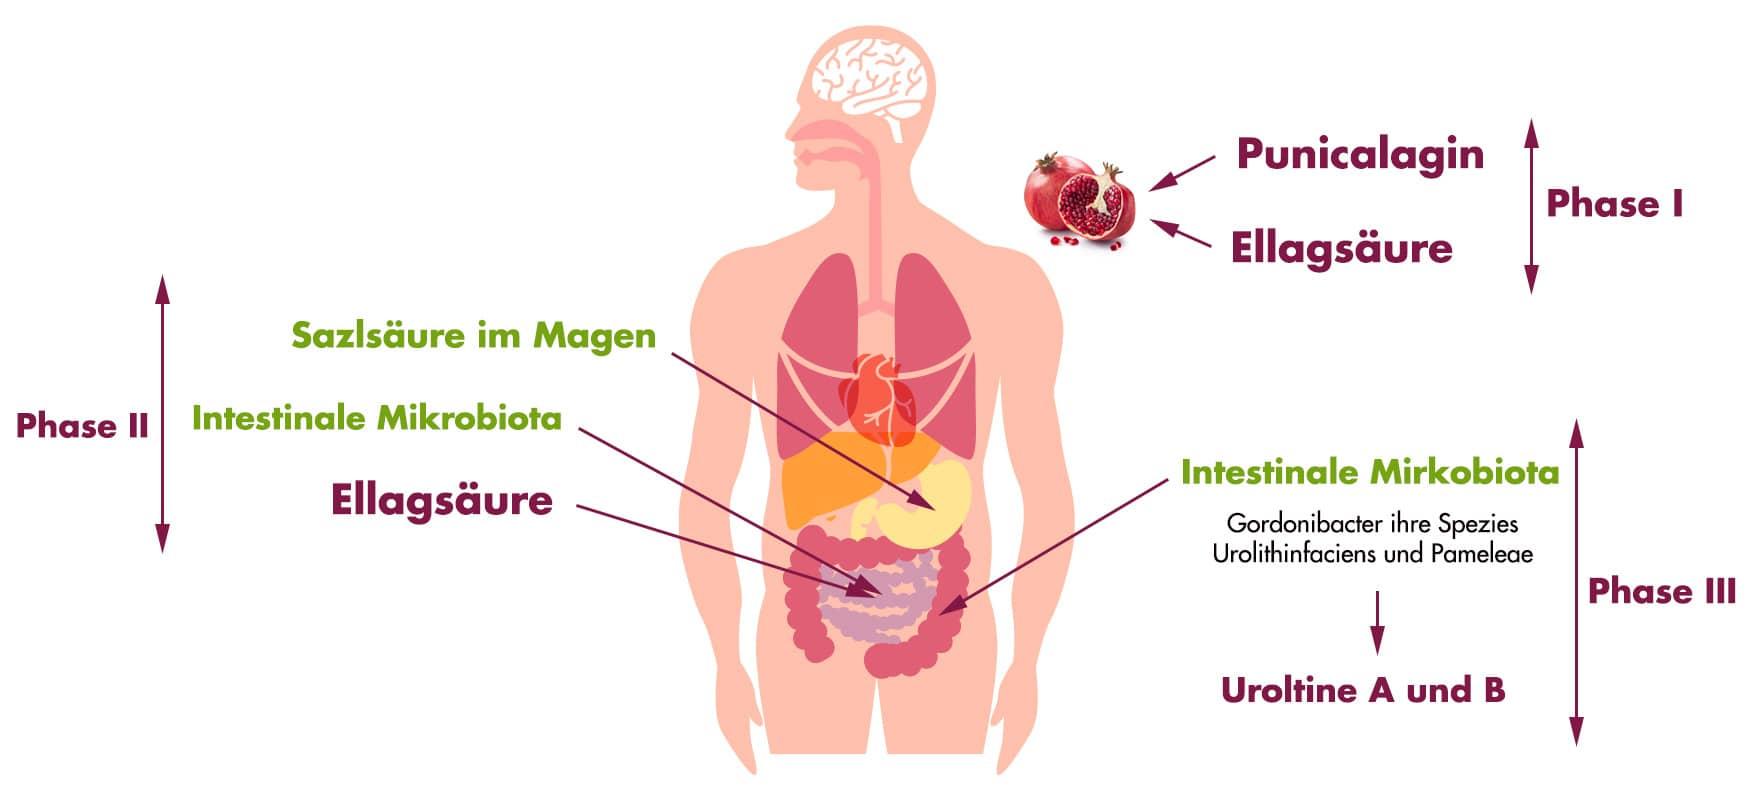 Bildung von Urolitinen